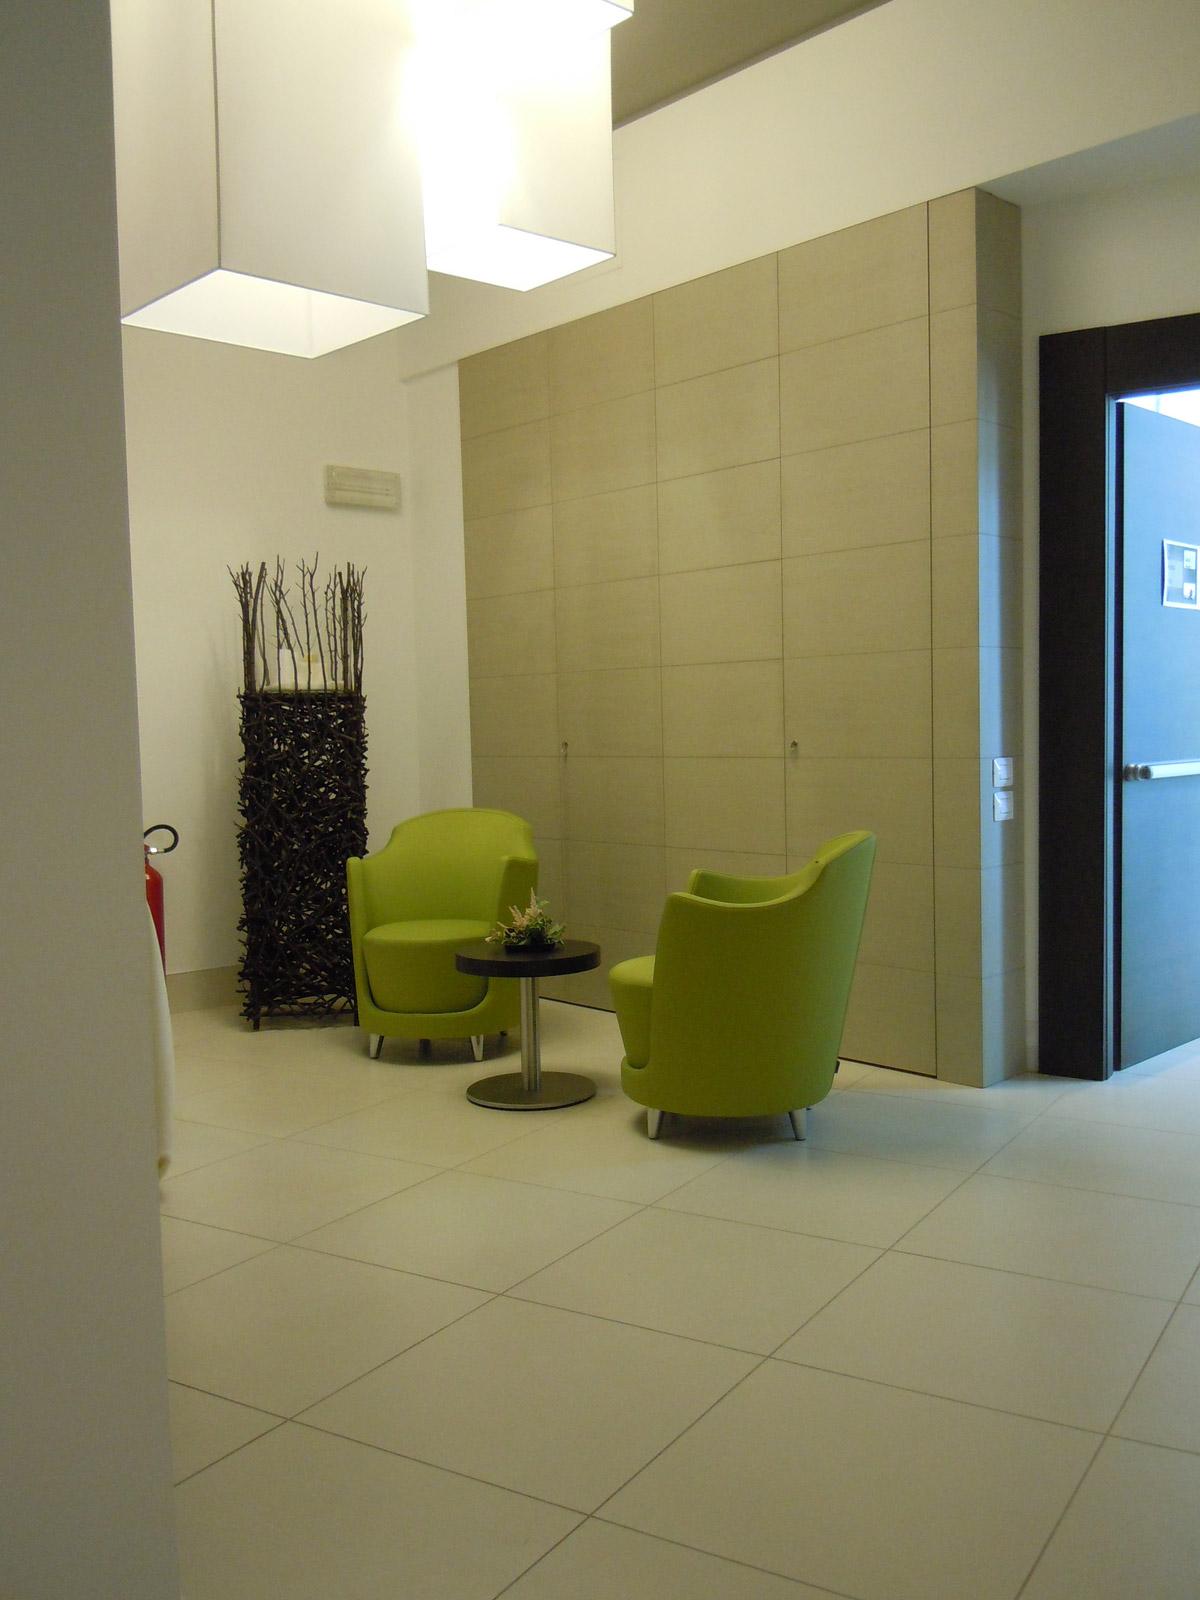 DB Hotel - floor and wall tiles  Marazzi